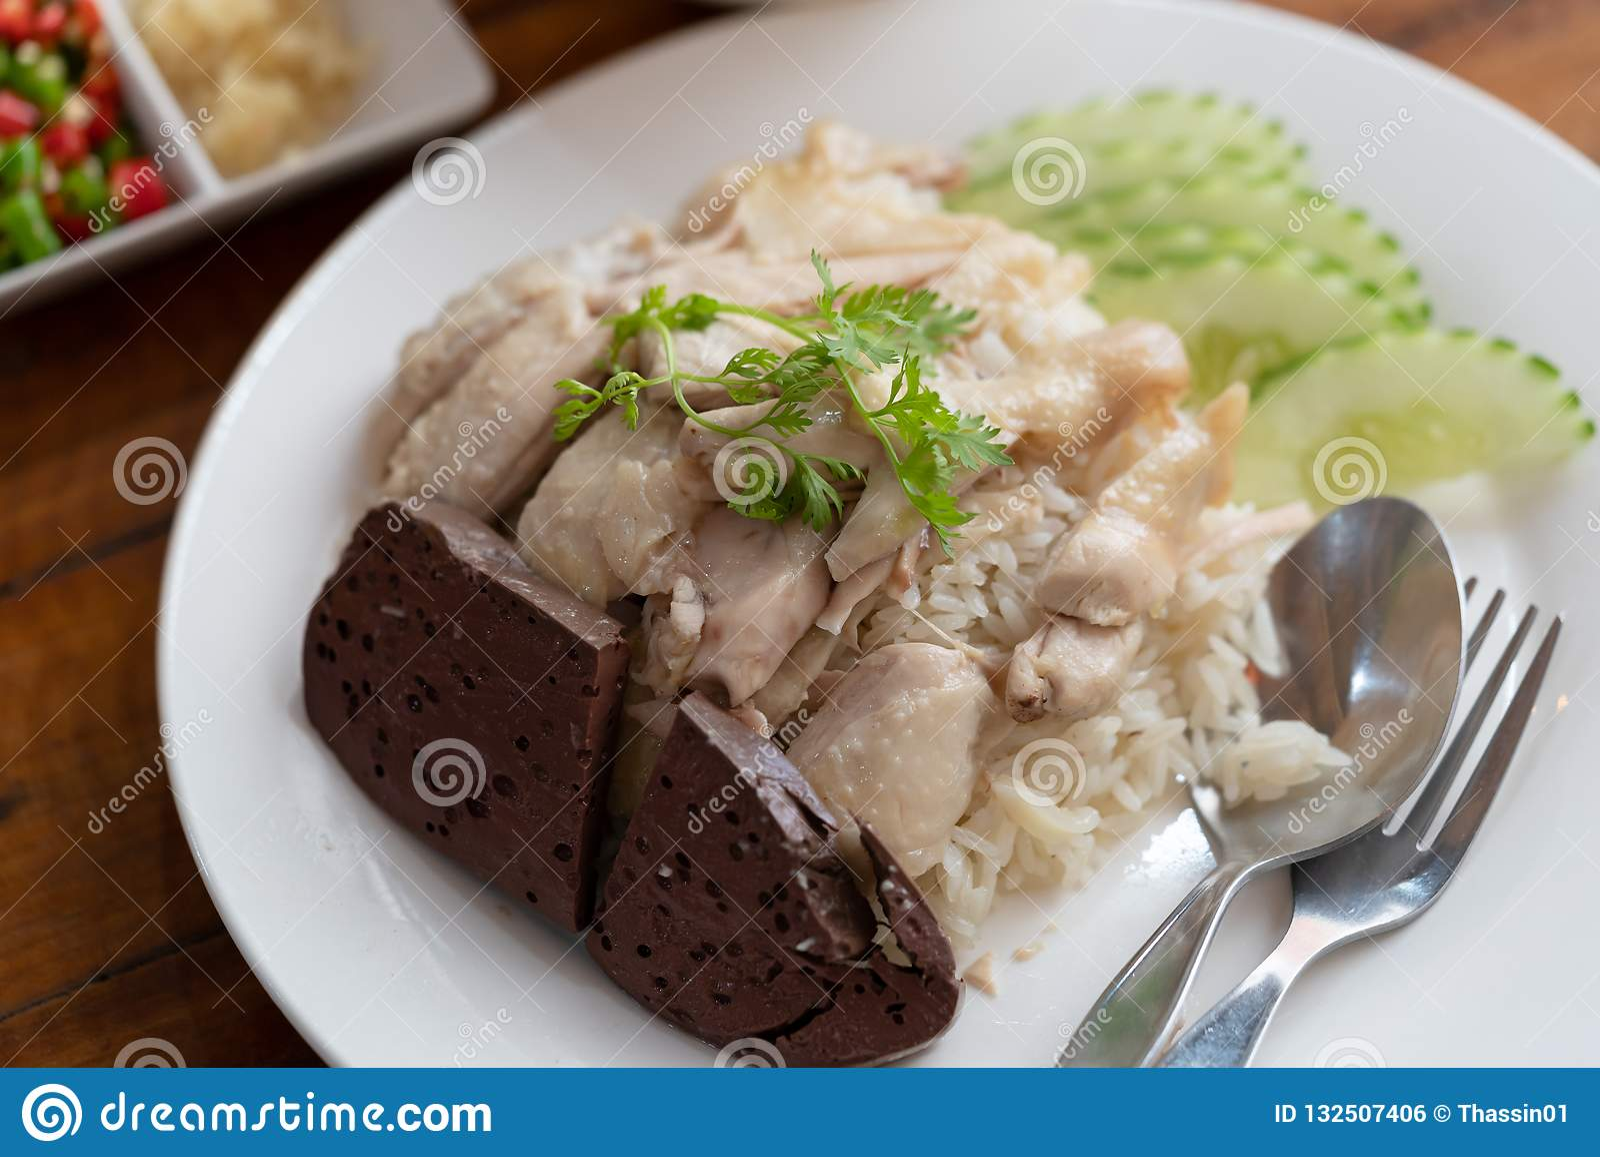 Riz thaïlandais de riz de poulet de Hainanese de gourmet de nourriture cuit à la vapeur avec du potage au poulet